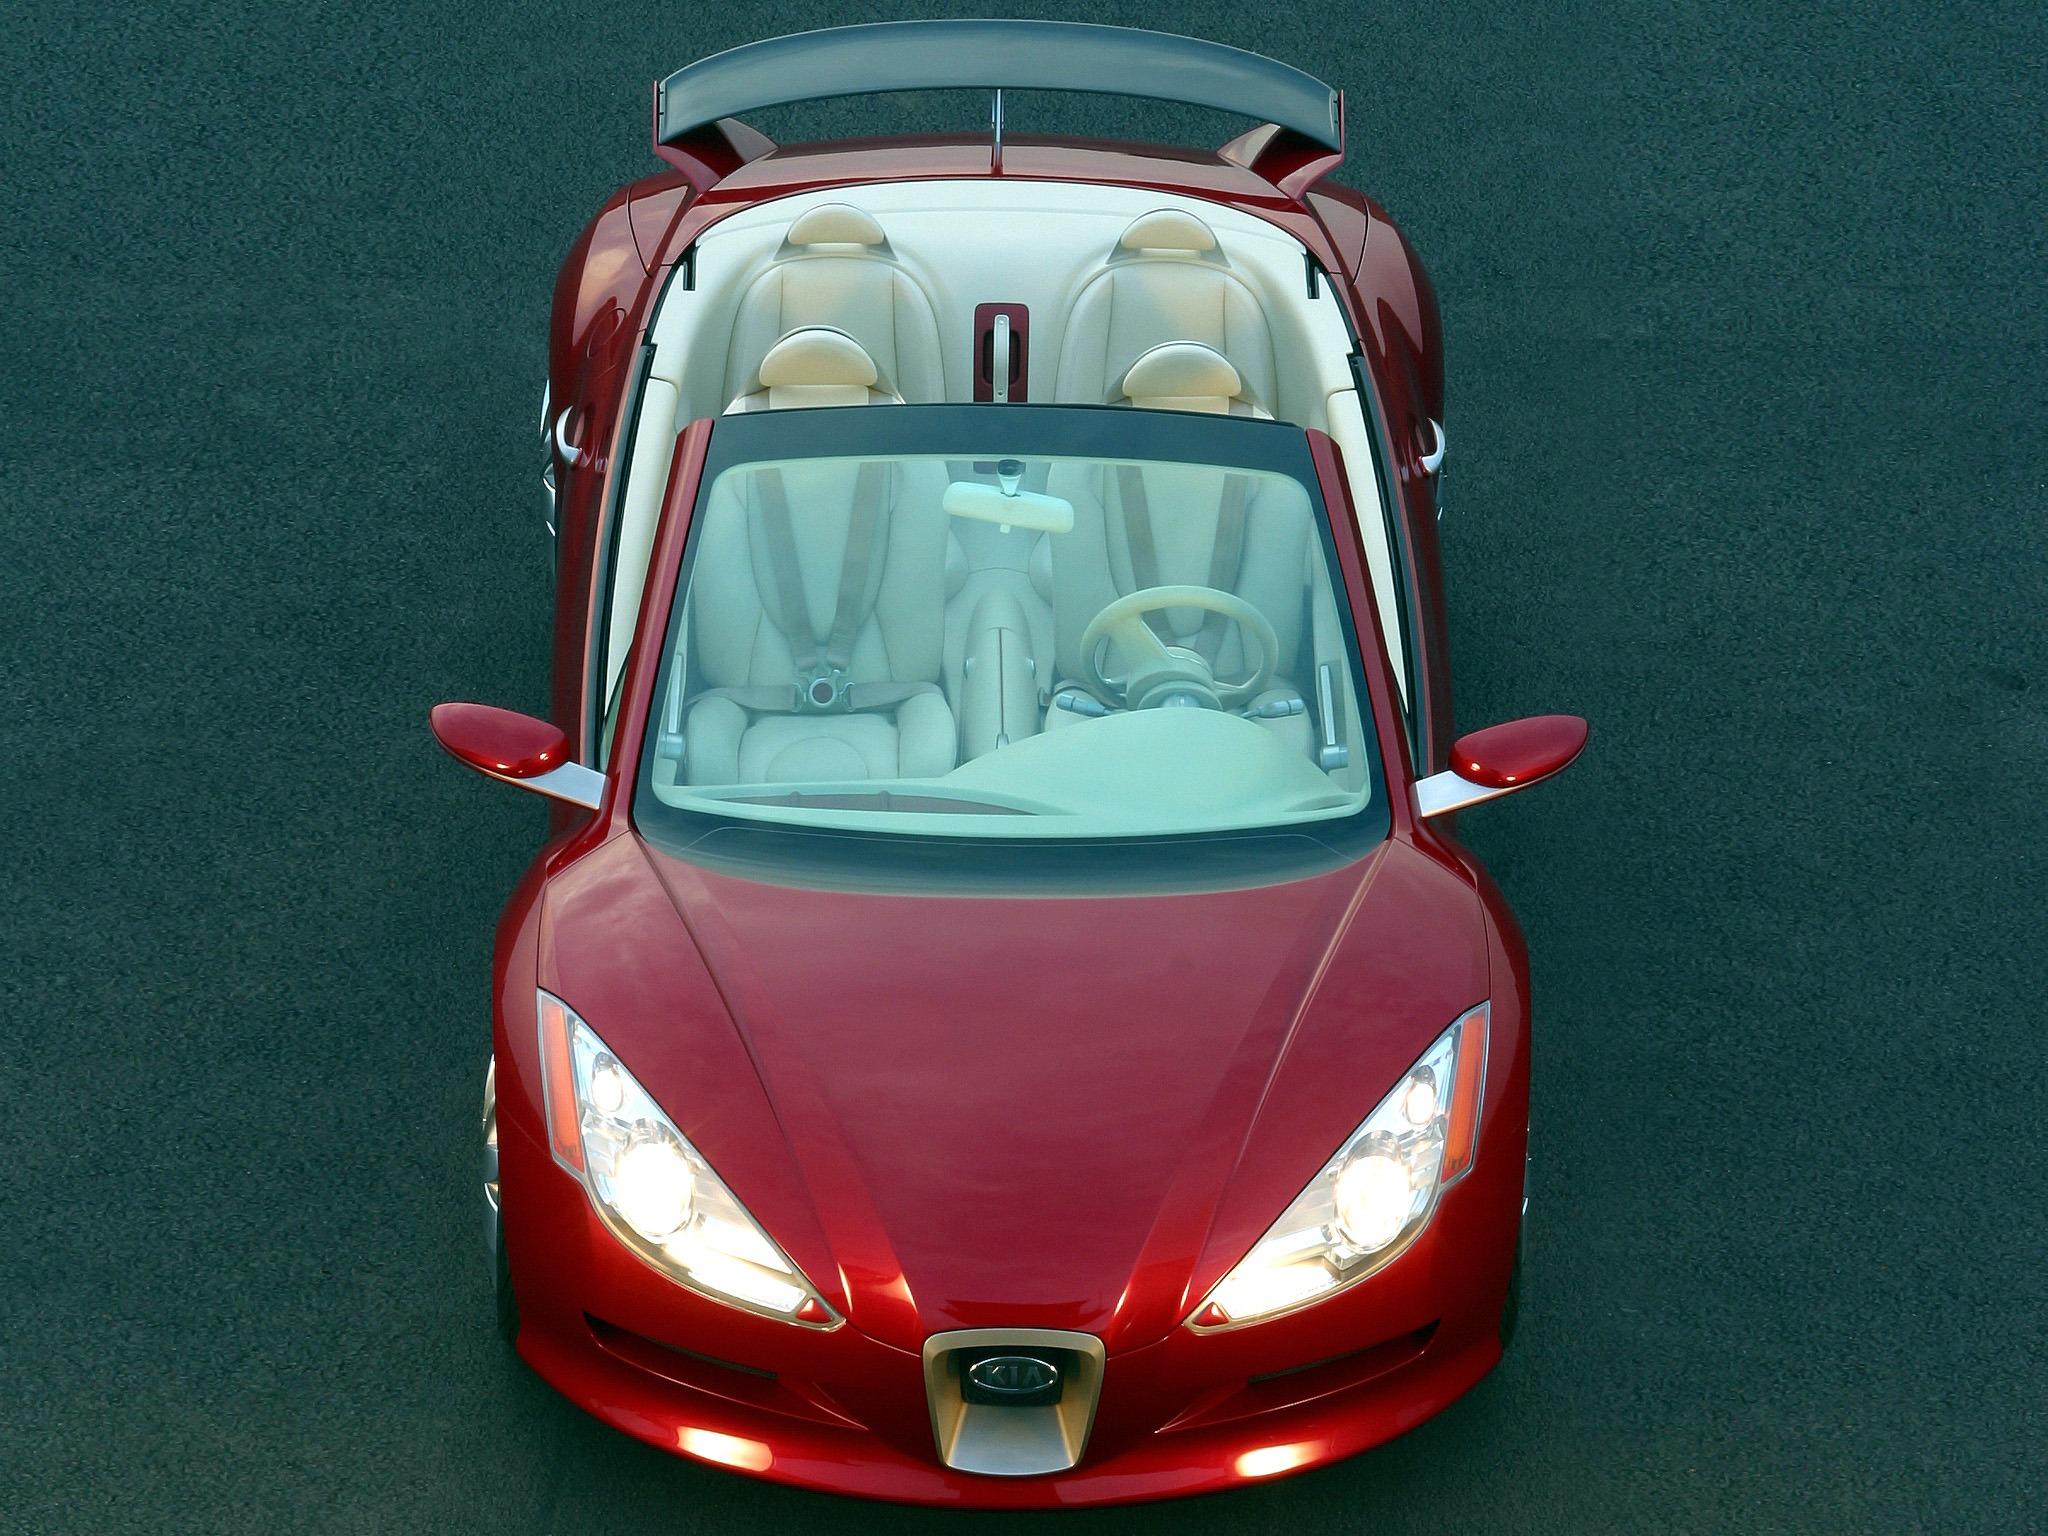 Hyundai Dealer Near Me >> Kia KCV-III Concept (2003) - Old Concept Cars